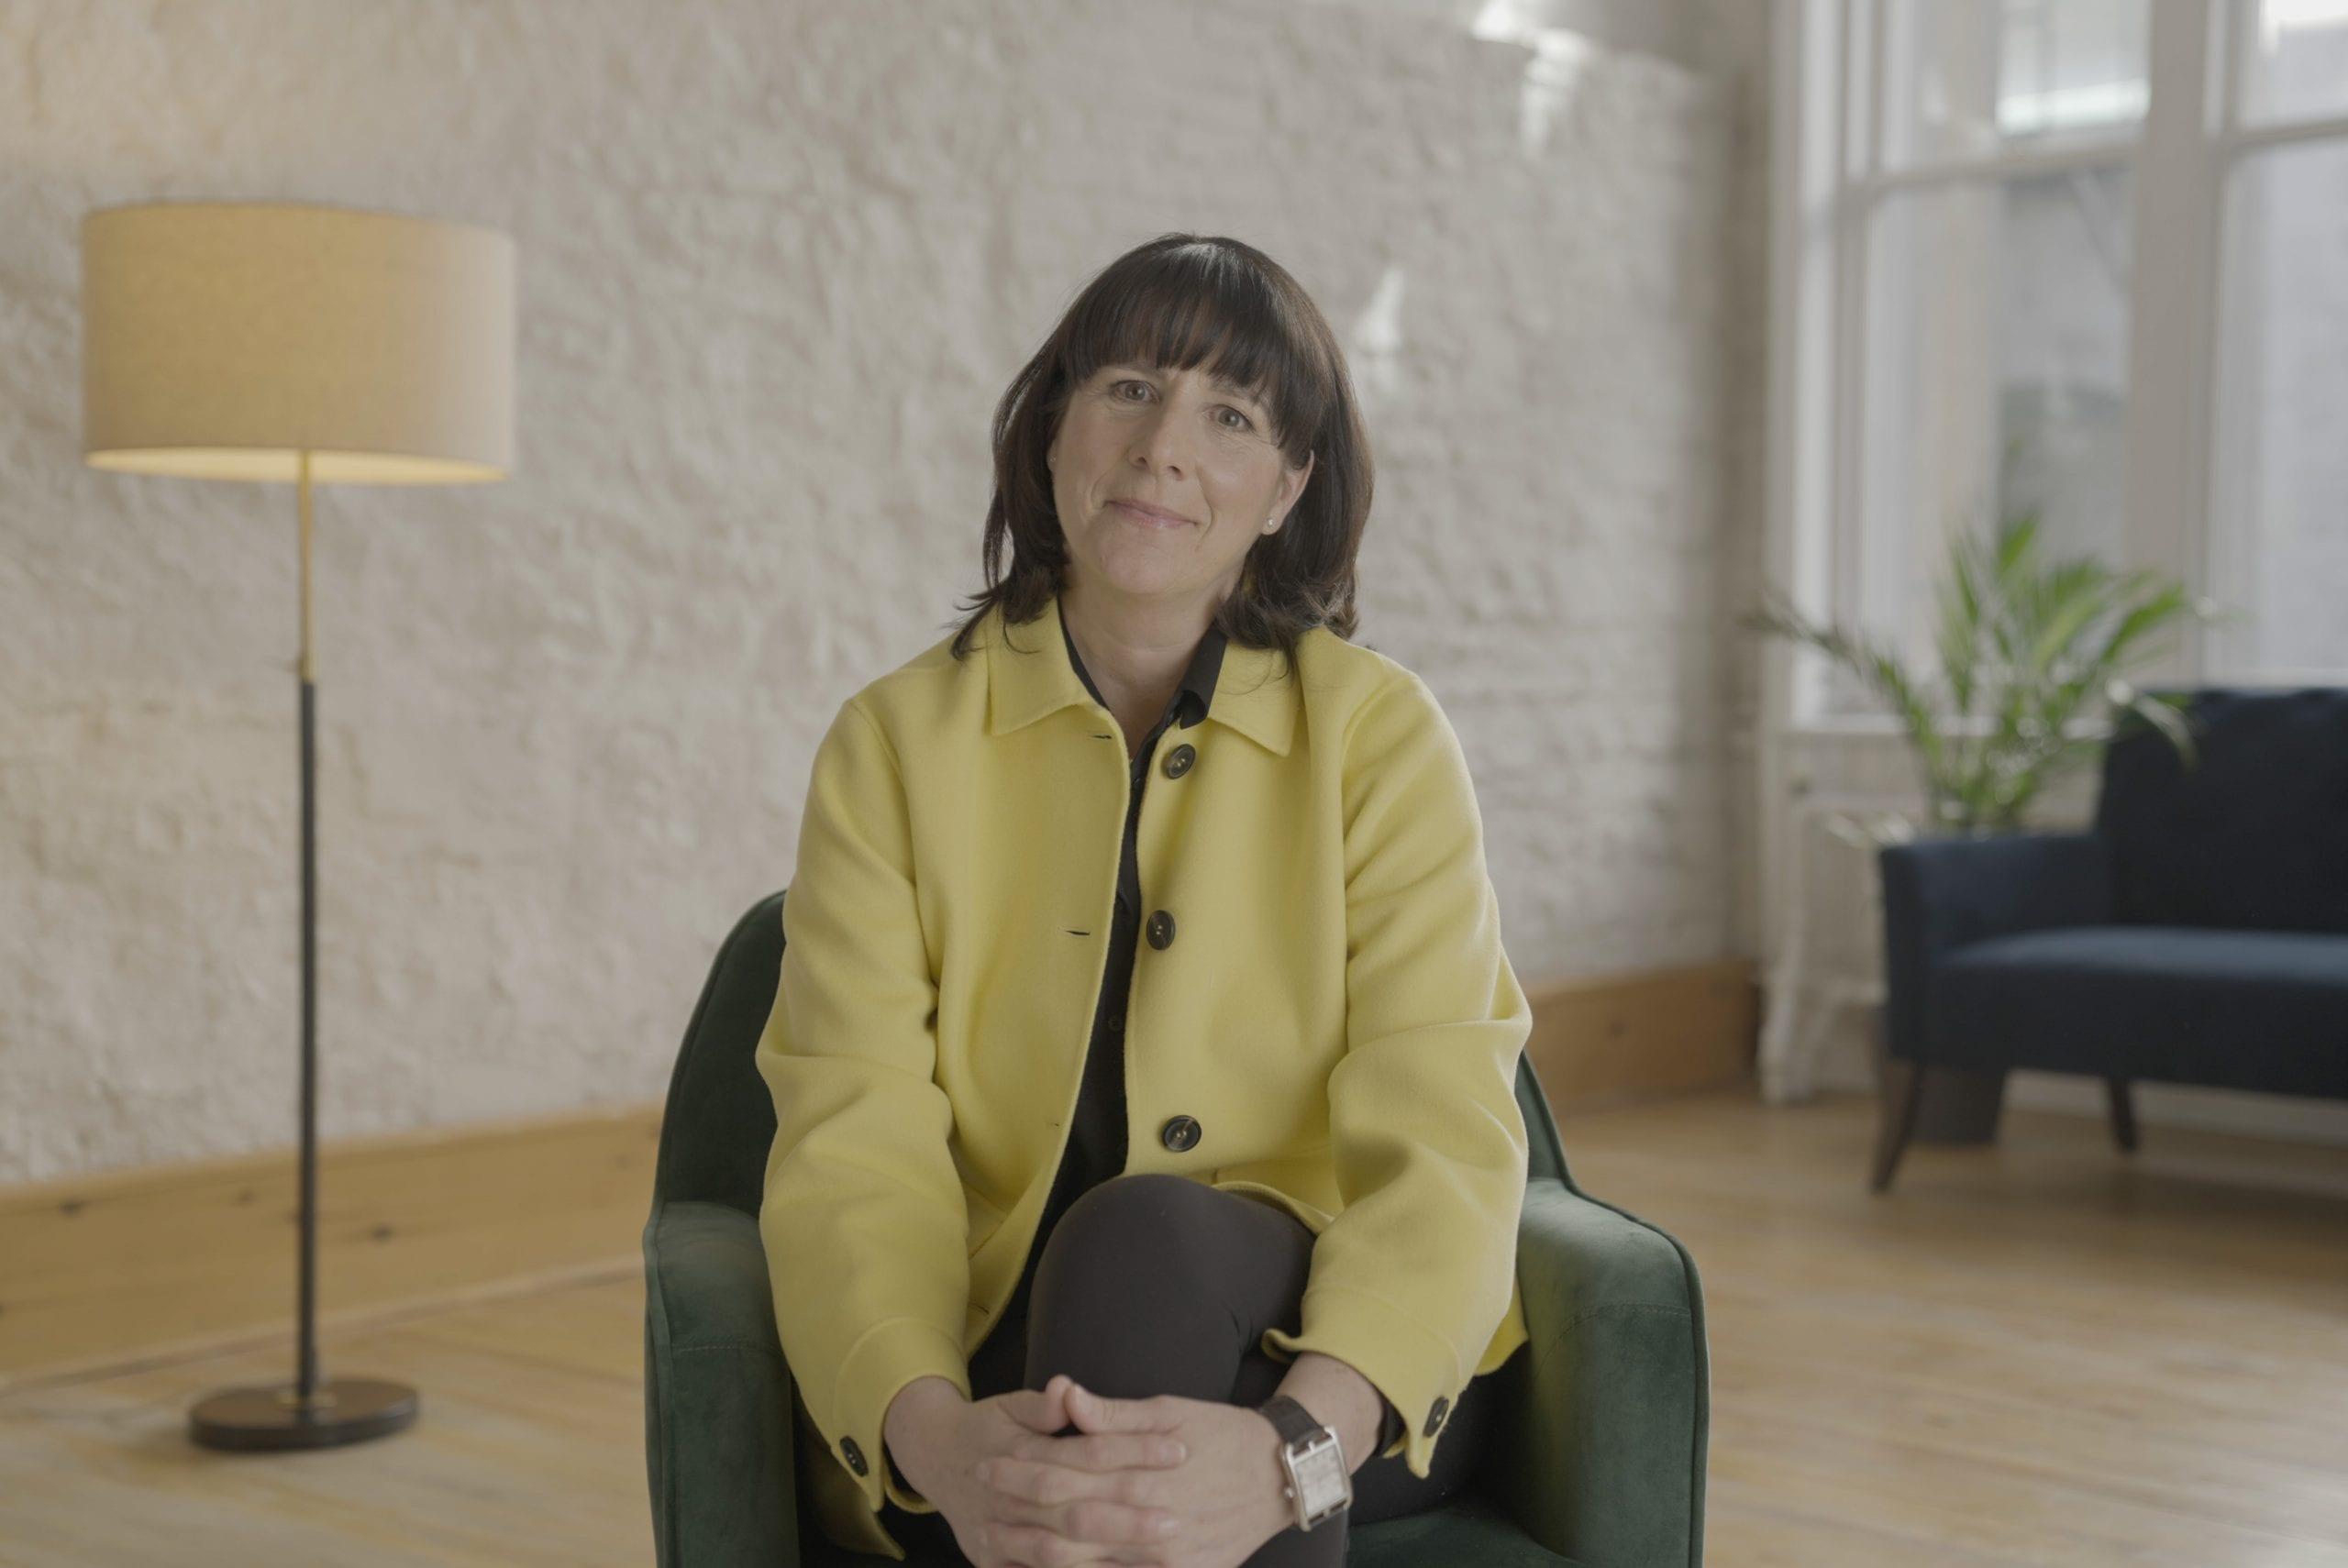 Sophie brochu assise sur un fauteuil, regardant l'objectif.